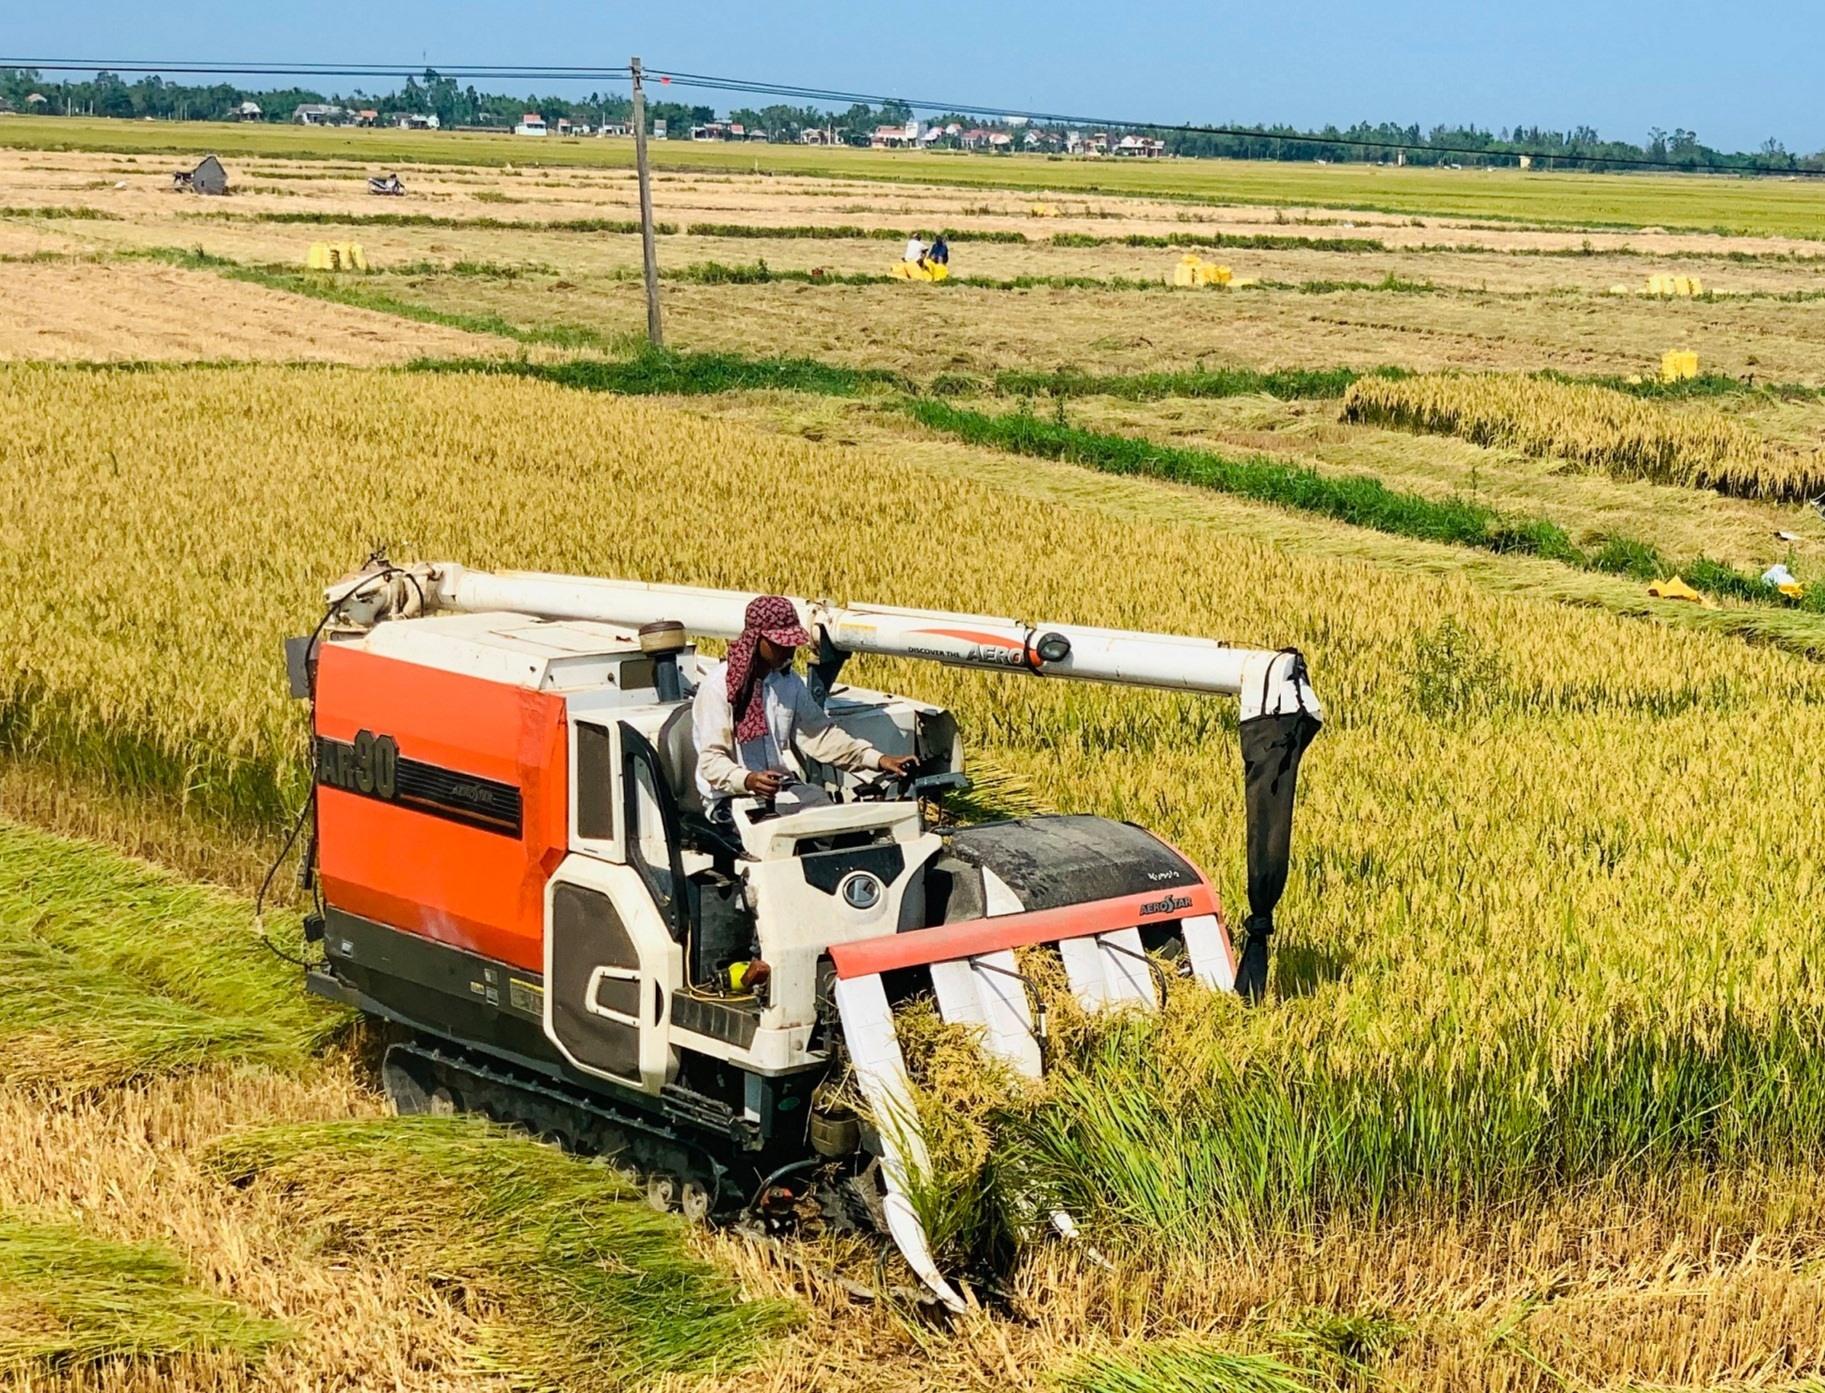 Sản xuất theo chuỗi để phát triển nông nghiệp bền vững. Ảnh: VĂN SỰ